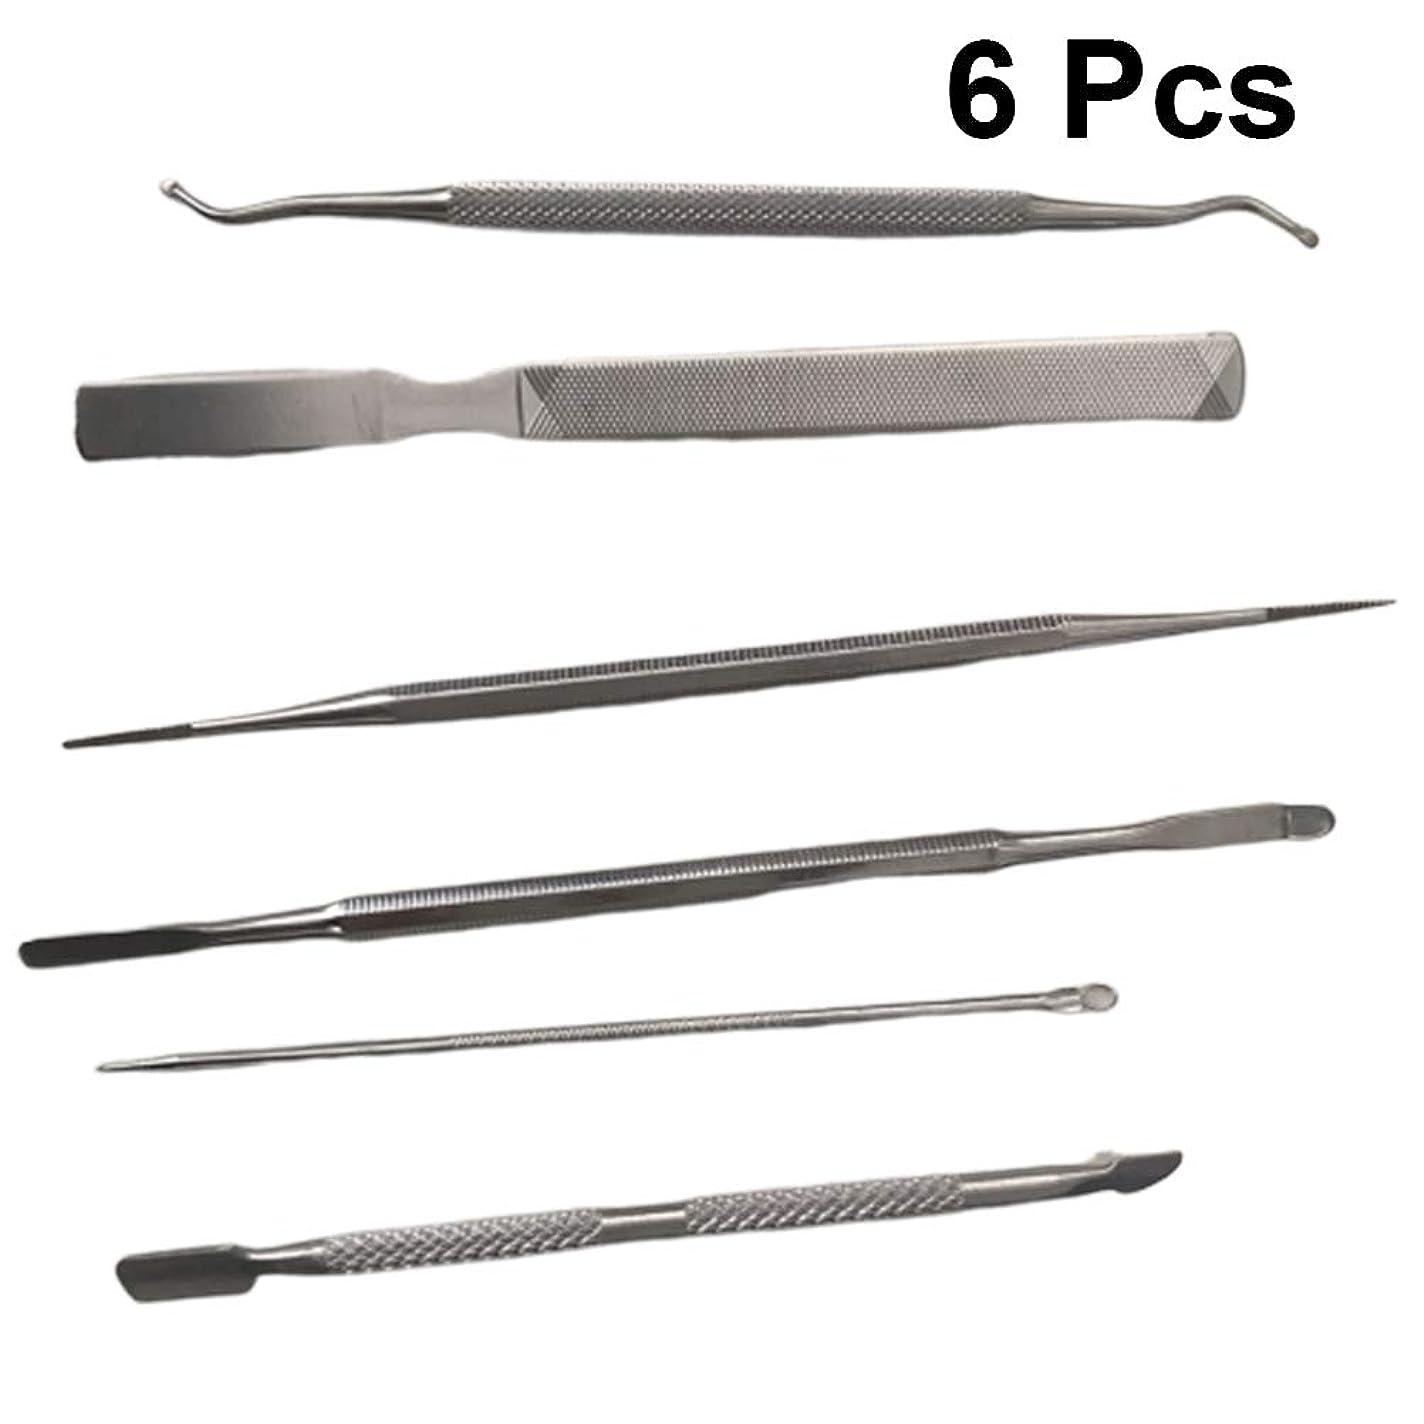 菊ジャズジョイントLurrose 6ピースマニキュアペディキュアツールセットプロのステンレス鋼ネイルツールキューティクルニッパープッシャーに成長した爪のファイルネイルアートキット用爪爪